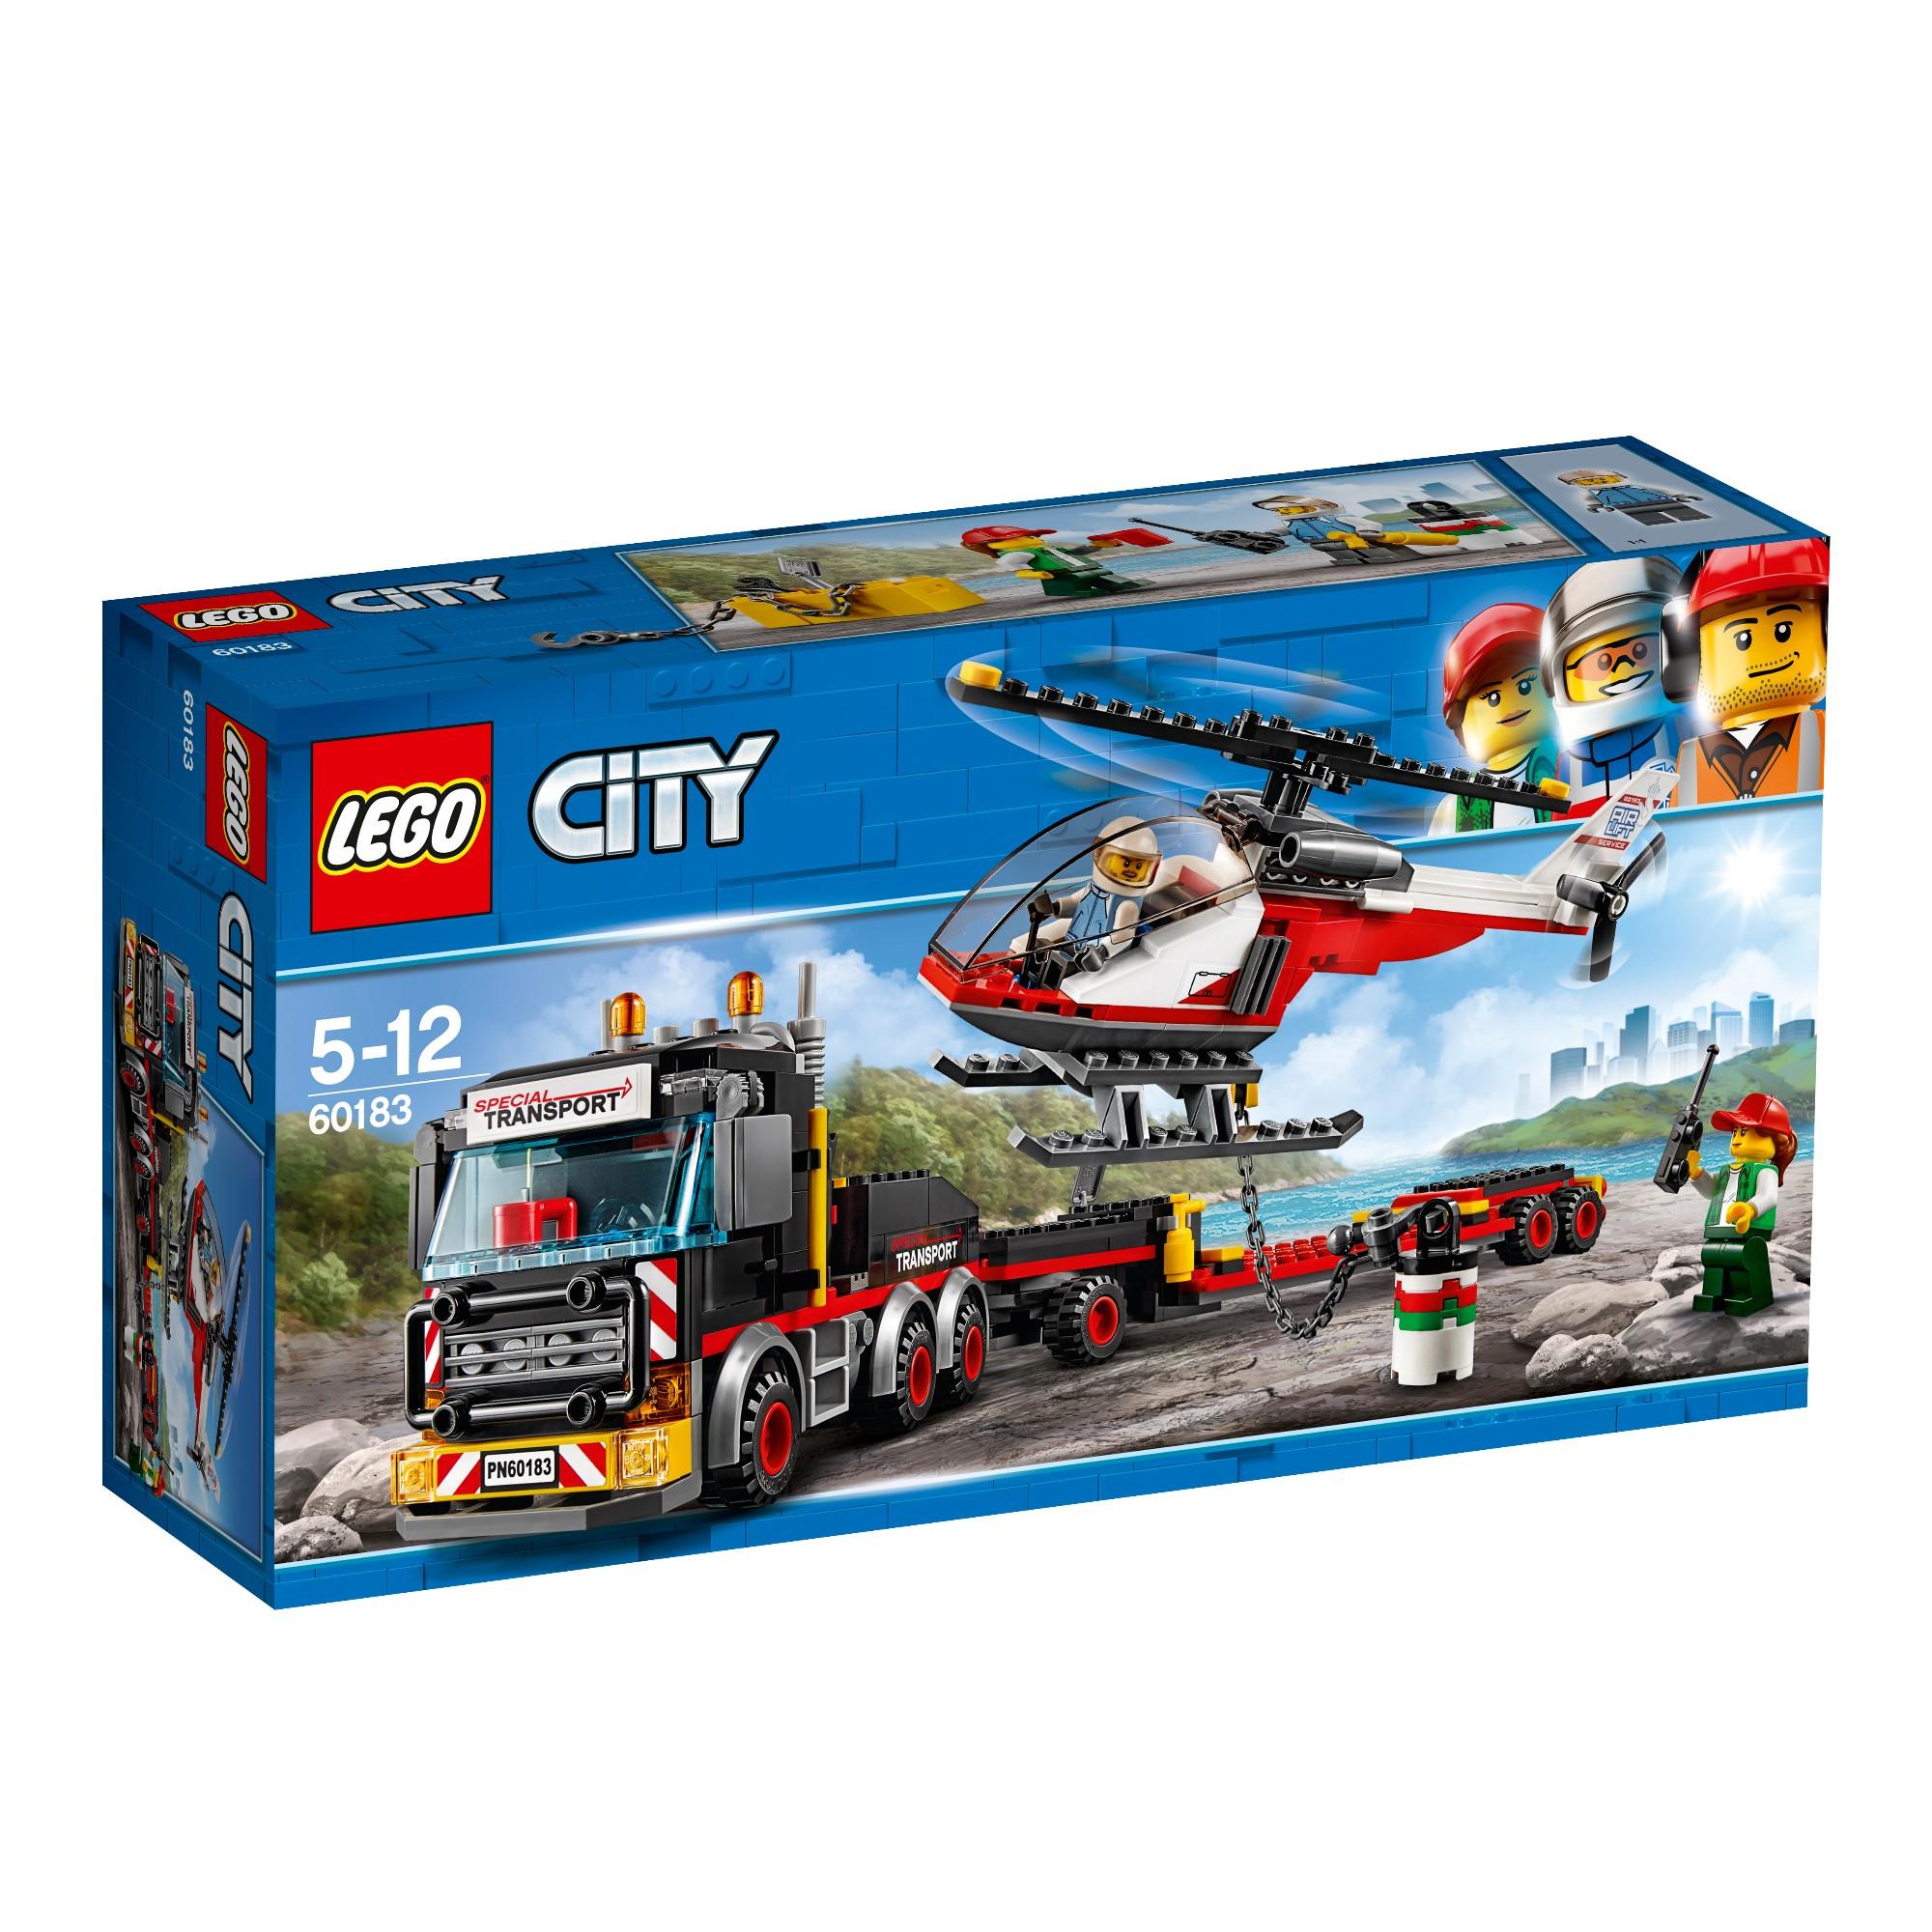 Konstruktorius LEGO CITY GREAT VEHICLES Krovinių sunkvežimis 5-12 metų vaikams (60183)